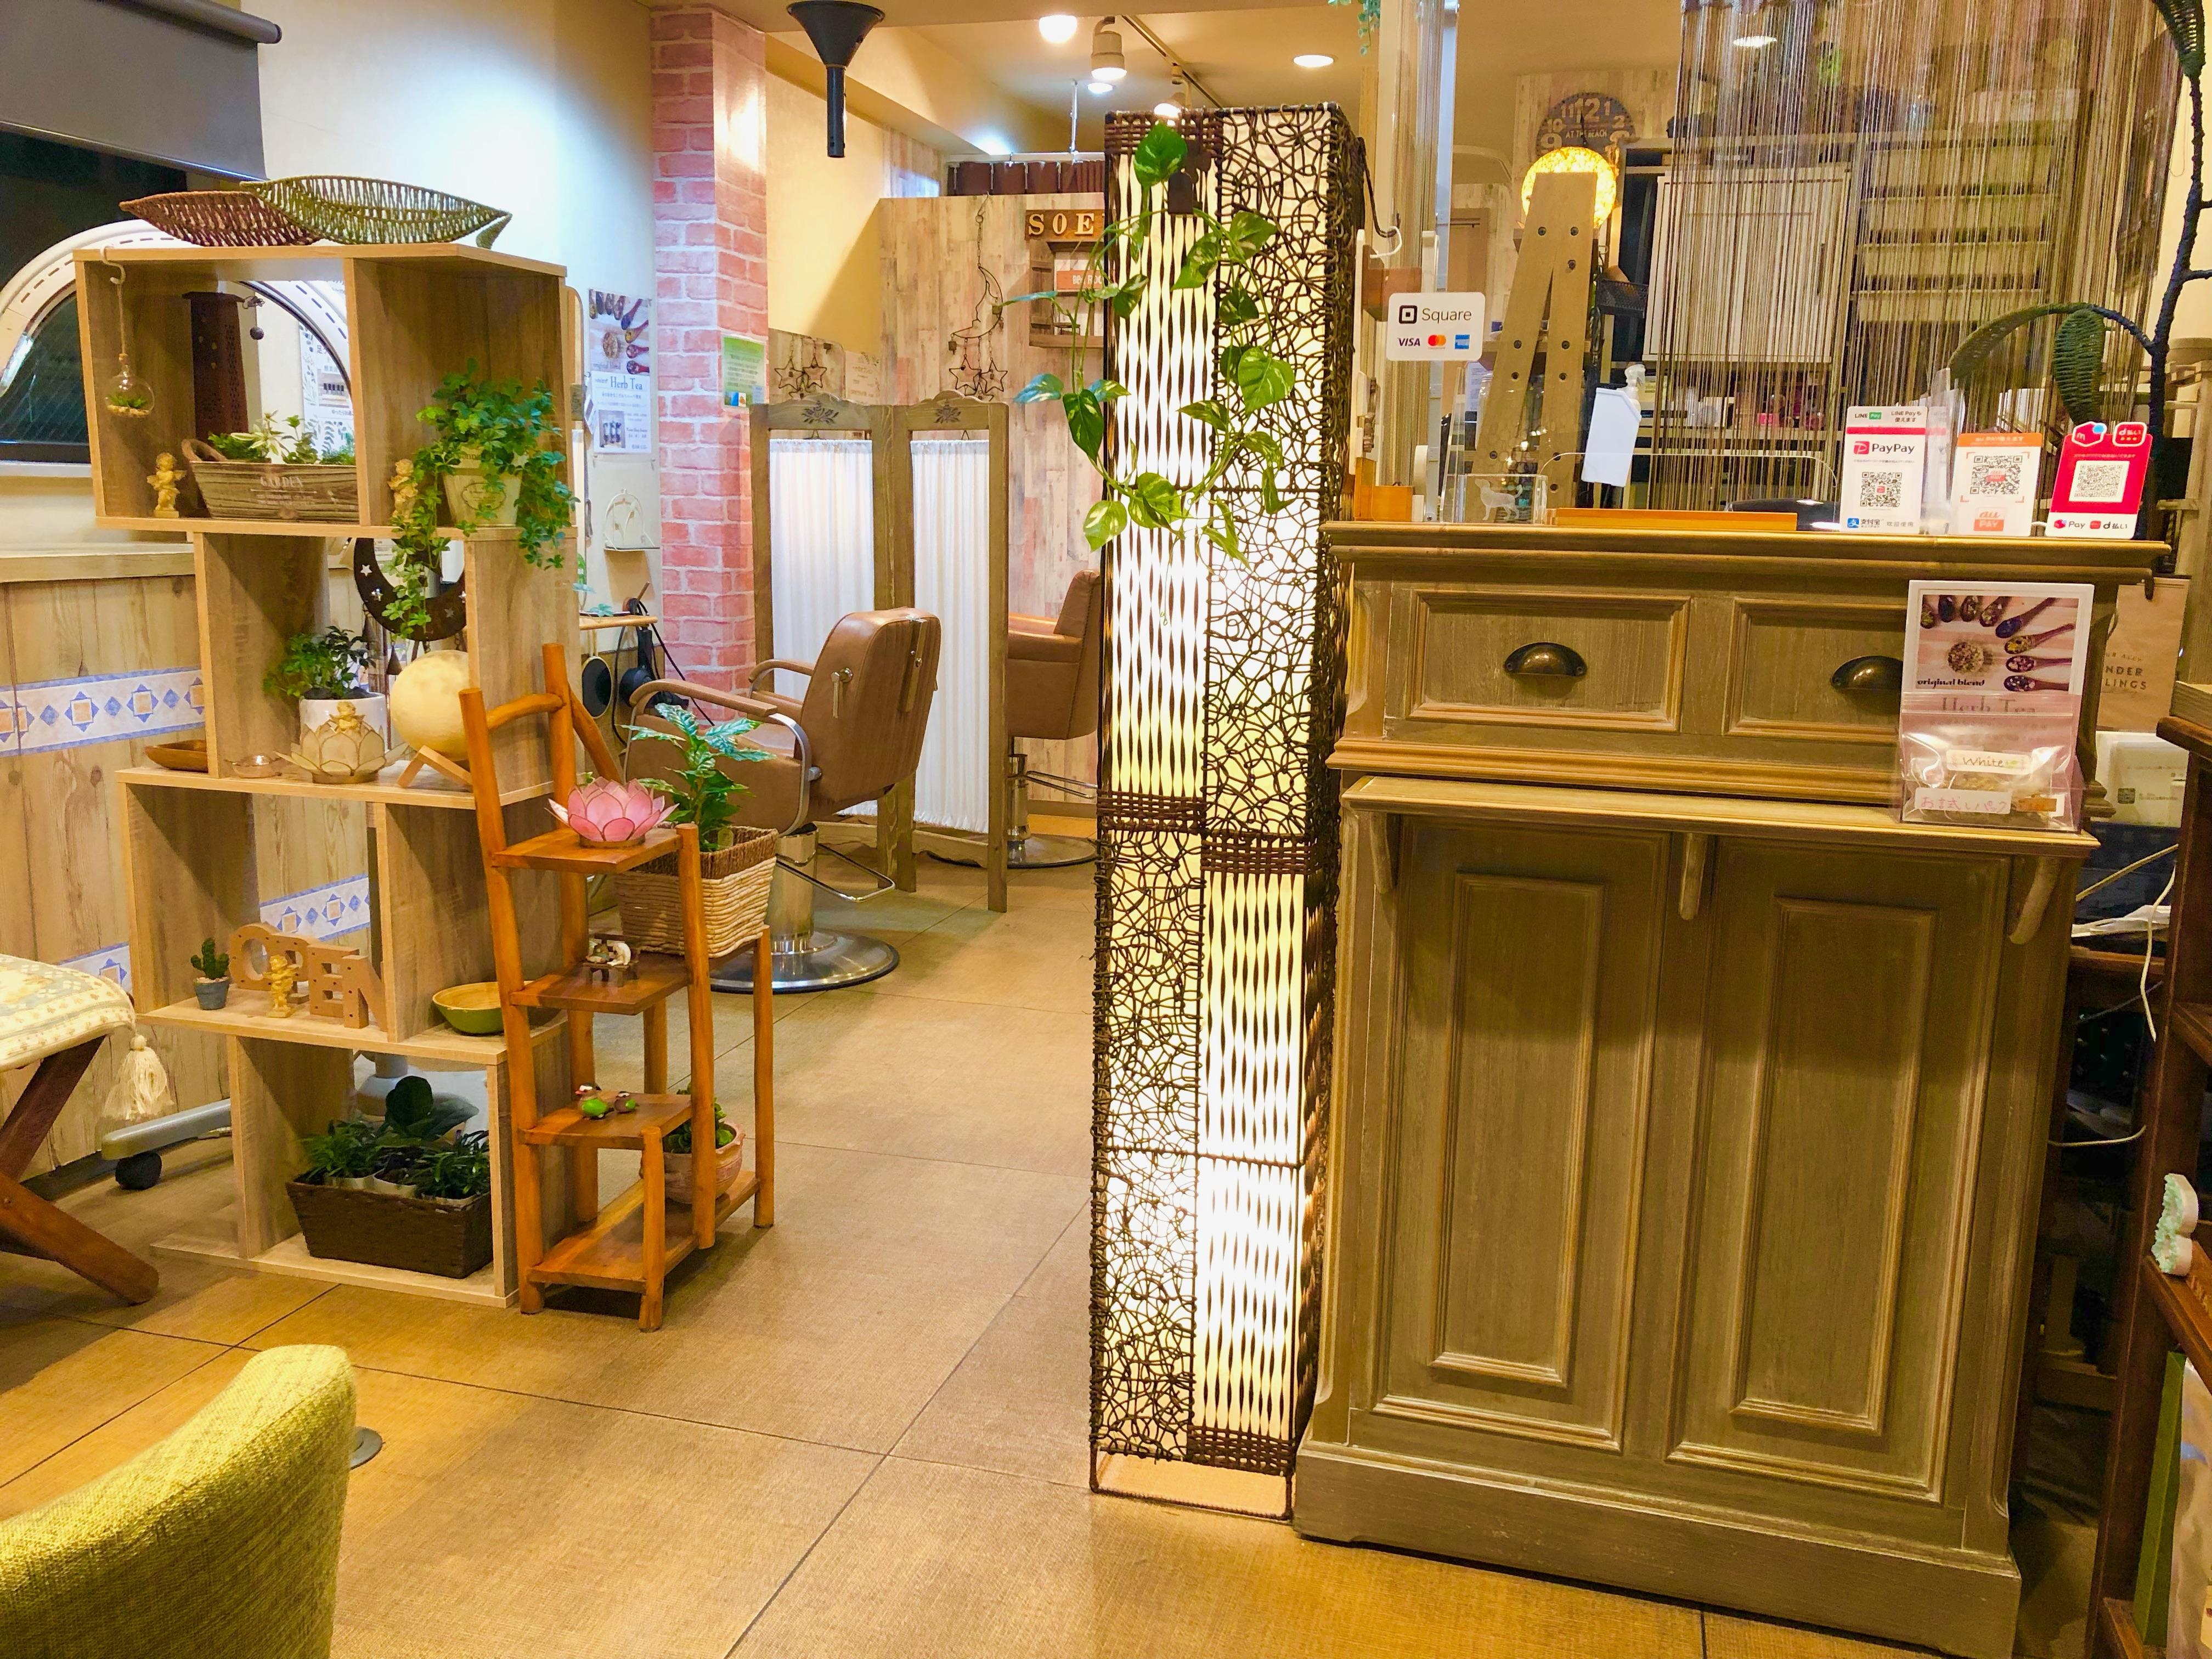 100%天然植物ヘナ久米川ホワイト美容室は東村山、小平、所沢と西武線からだけではなく国分寺、立川、など中央線からのお客様」もご来店いただいてます。